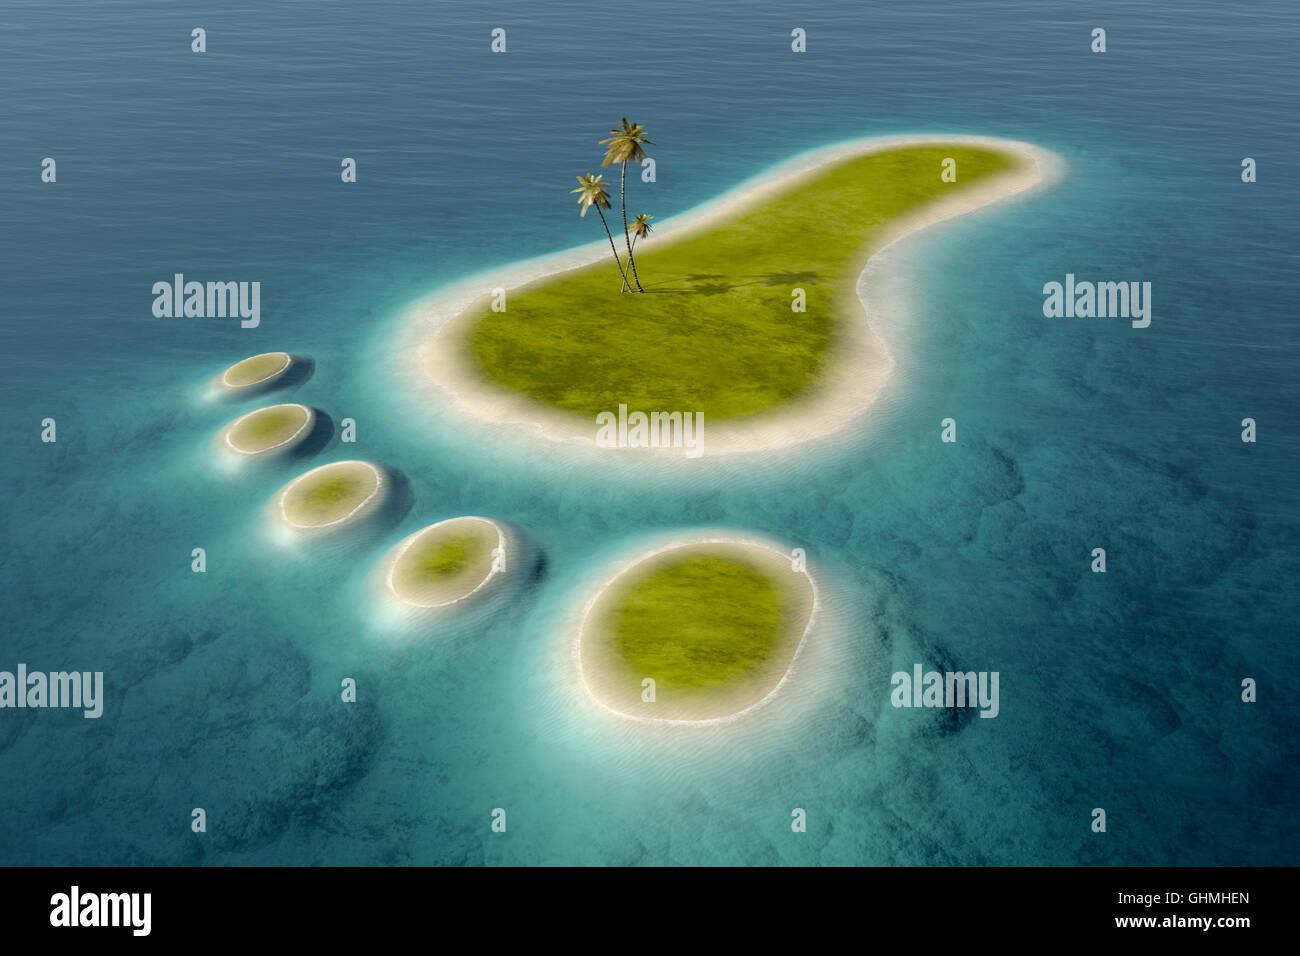 Verde isole con spiagge bianche a forma di una impronta circondato da tropicale oceano blu acqua. Conceptual 3D Immagini Stock